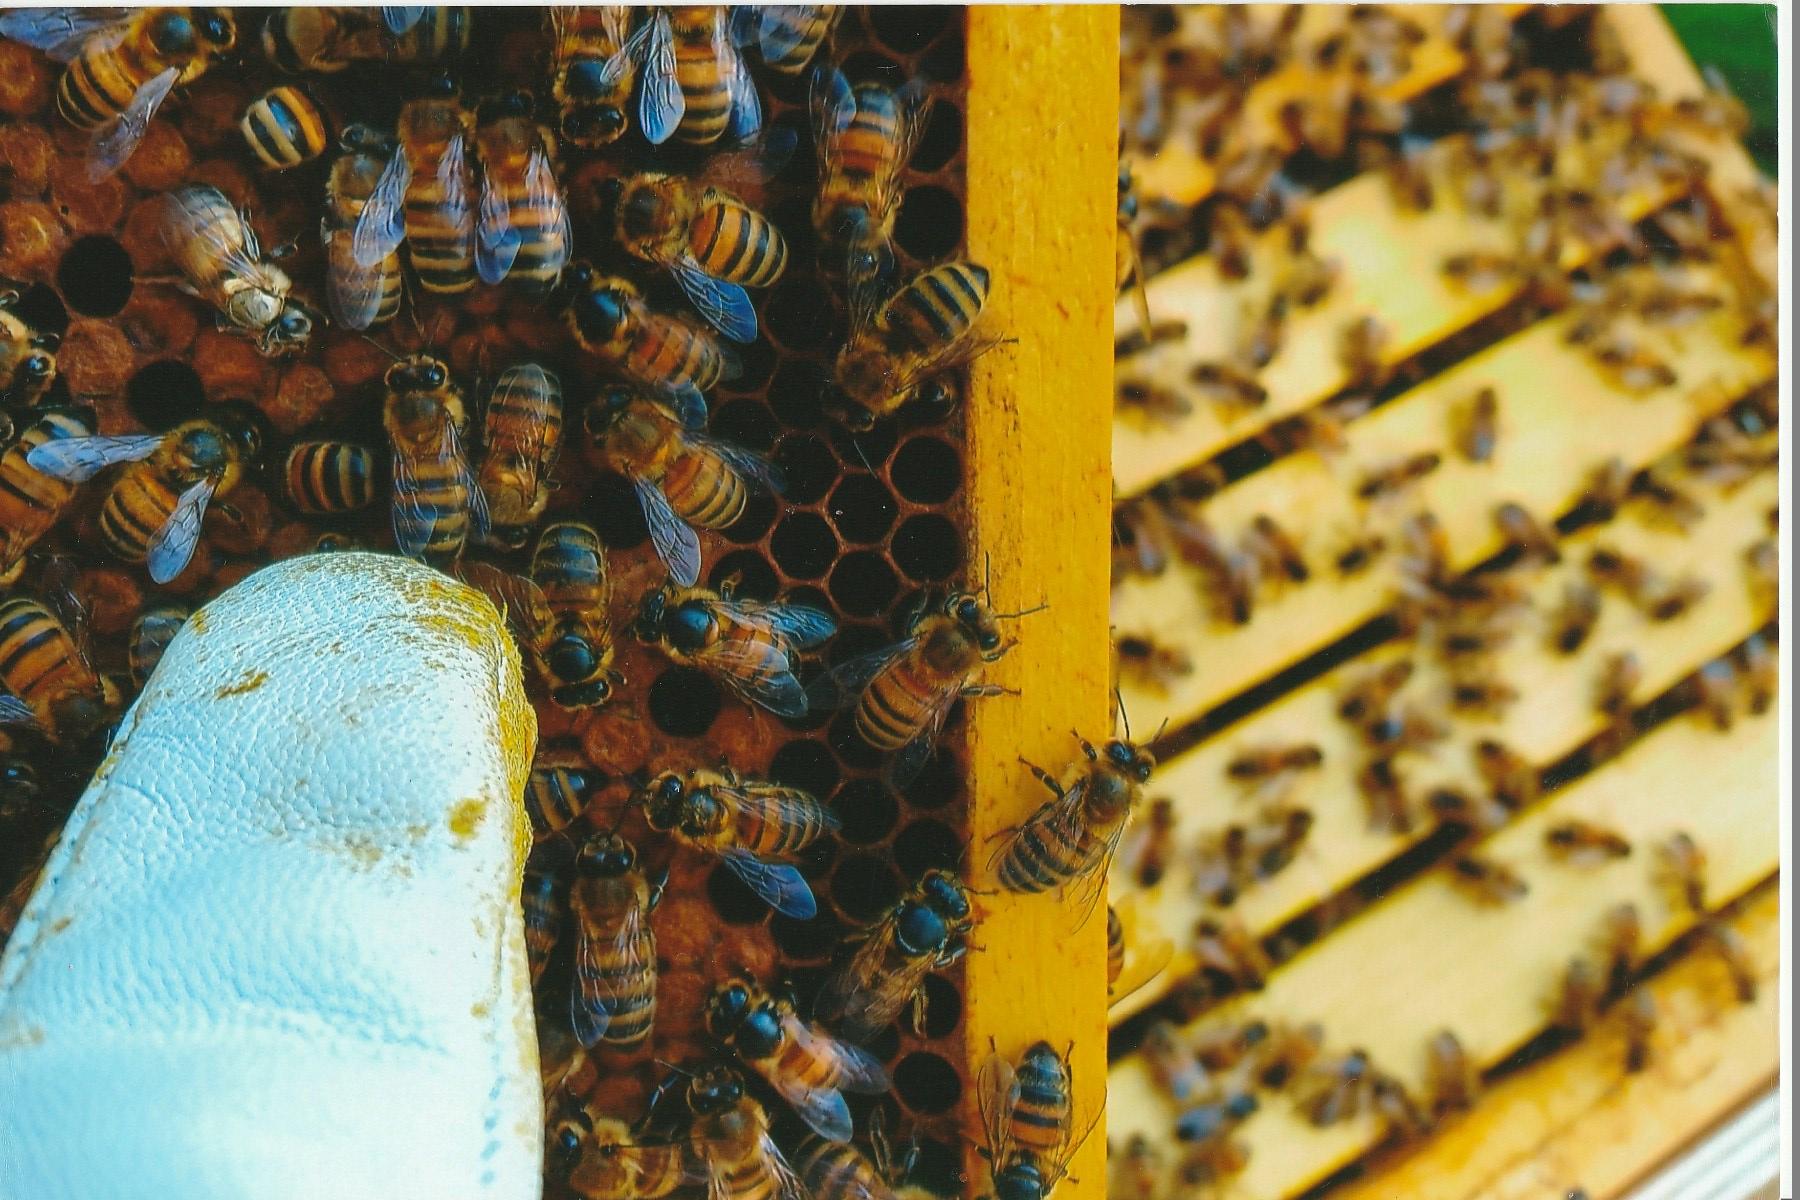 Summ, summ, summ, wir sind im Bienenmodus…